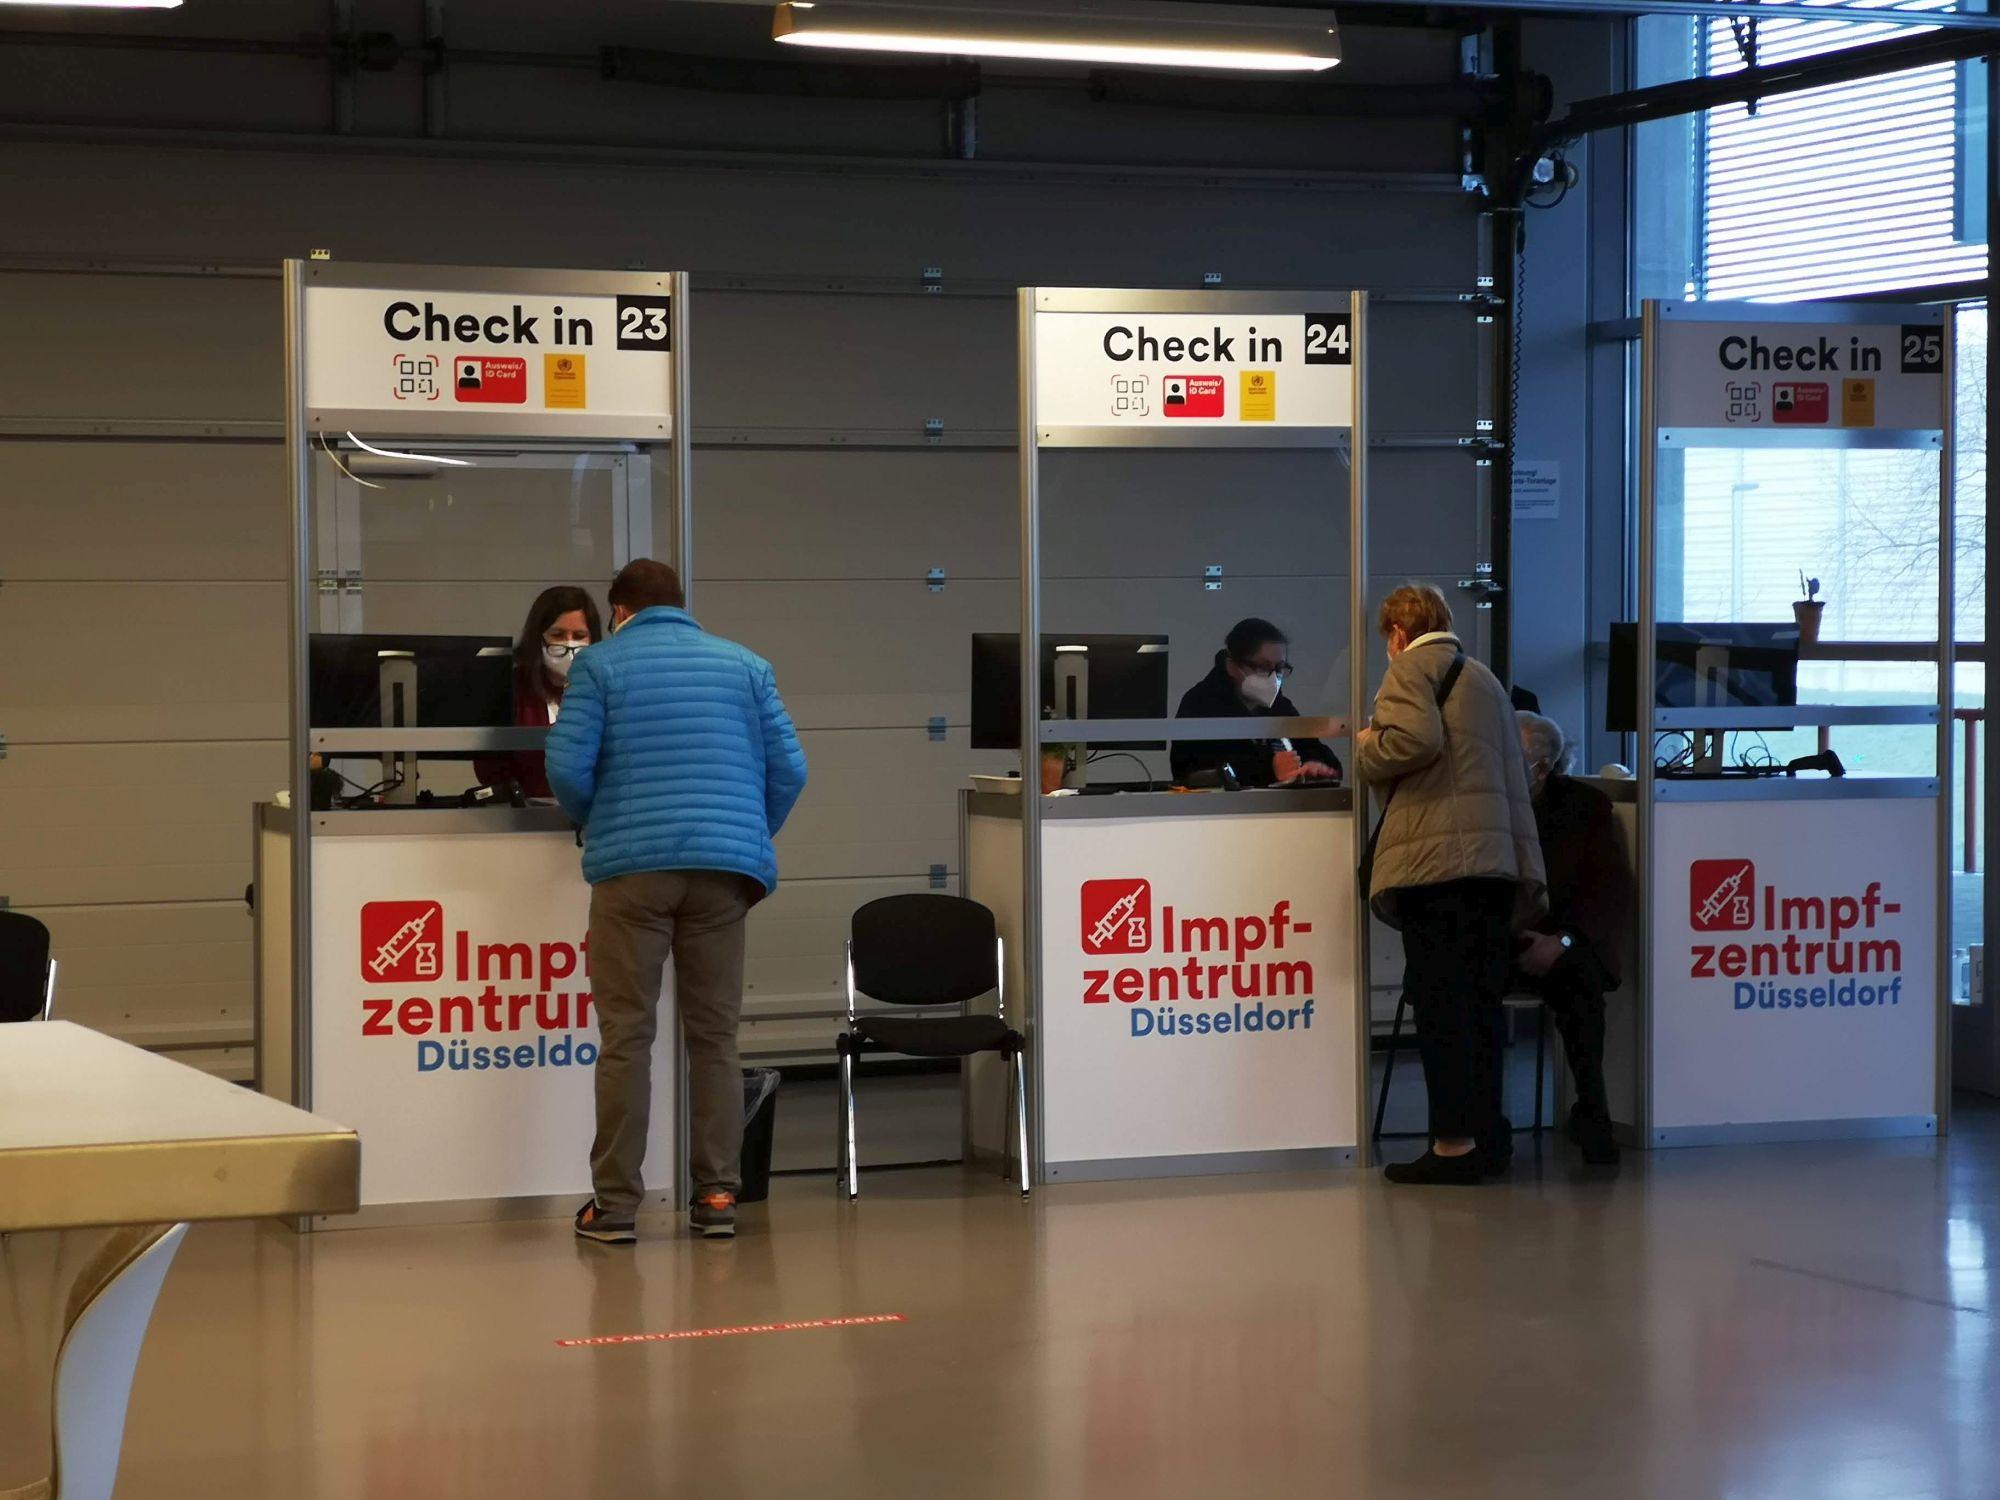 Impfzentrum Düsseldorf: Der Check-In-Bereich (Foto: TD)